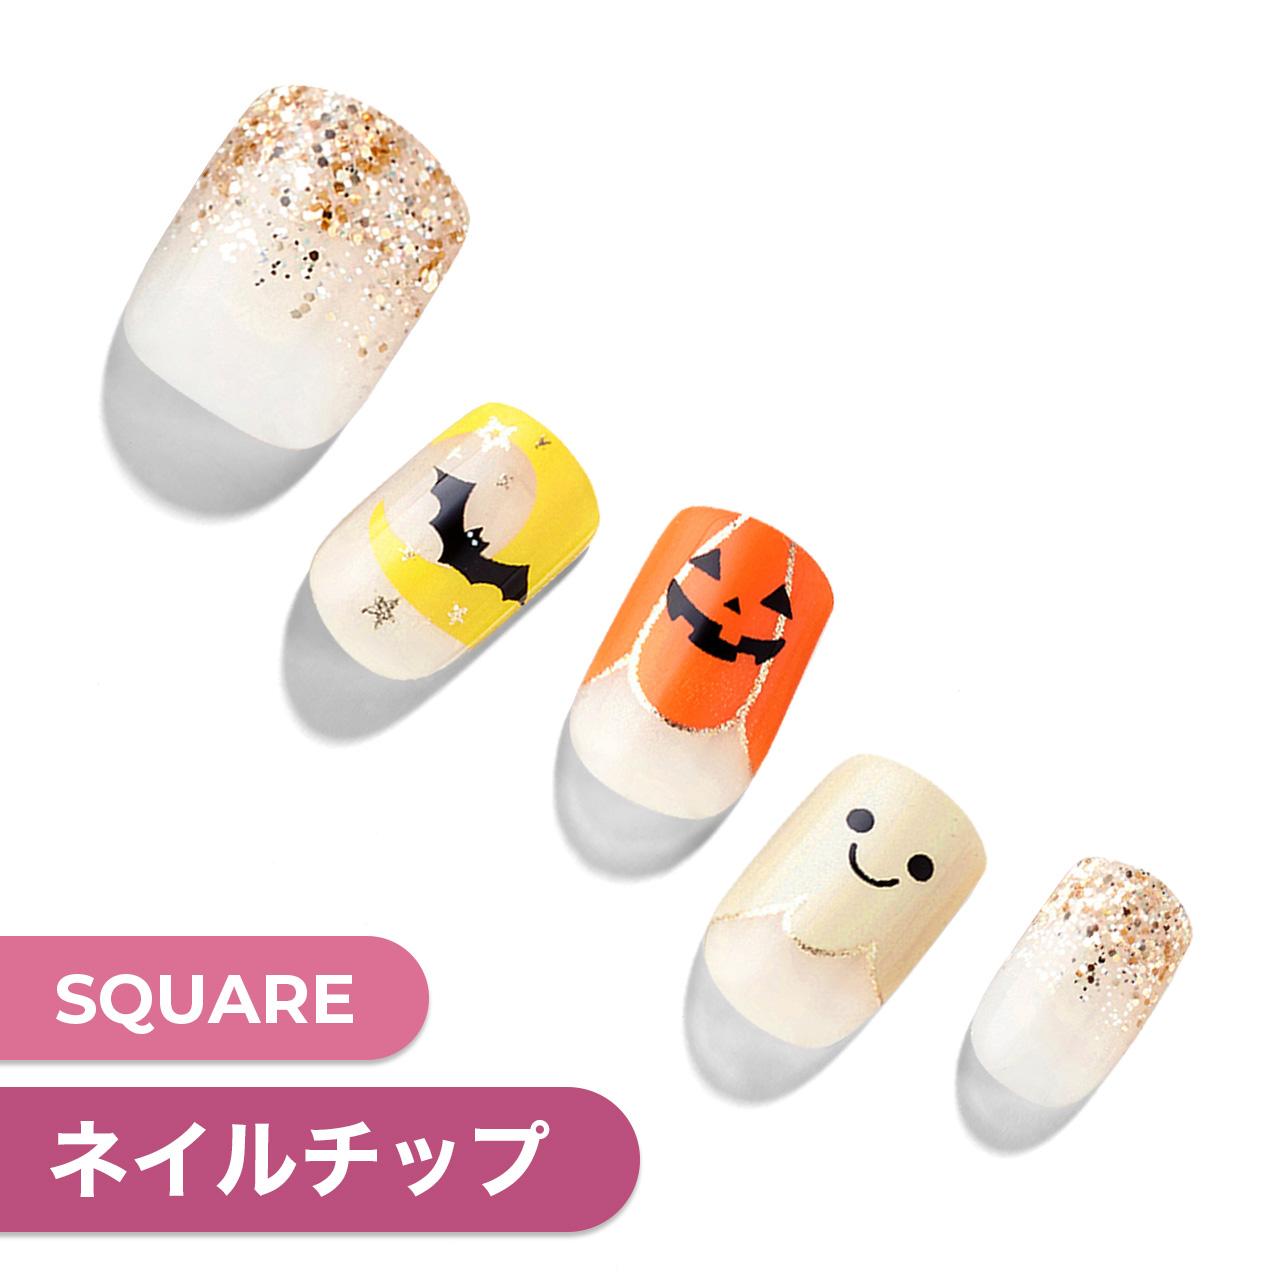 【Scary Movie】ダッシングディバマジックプレス